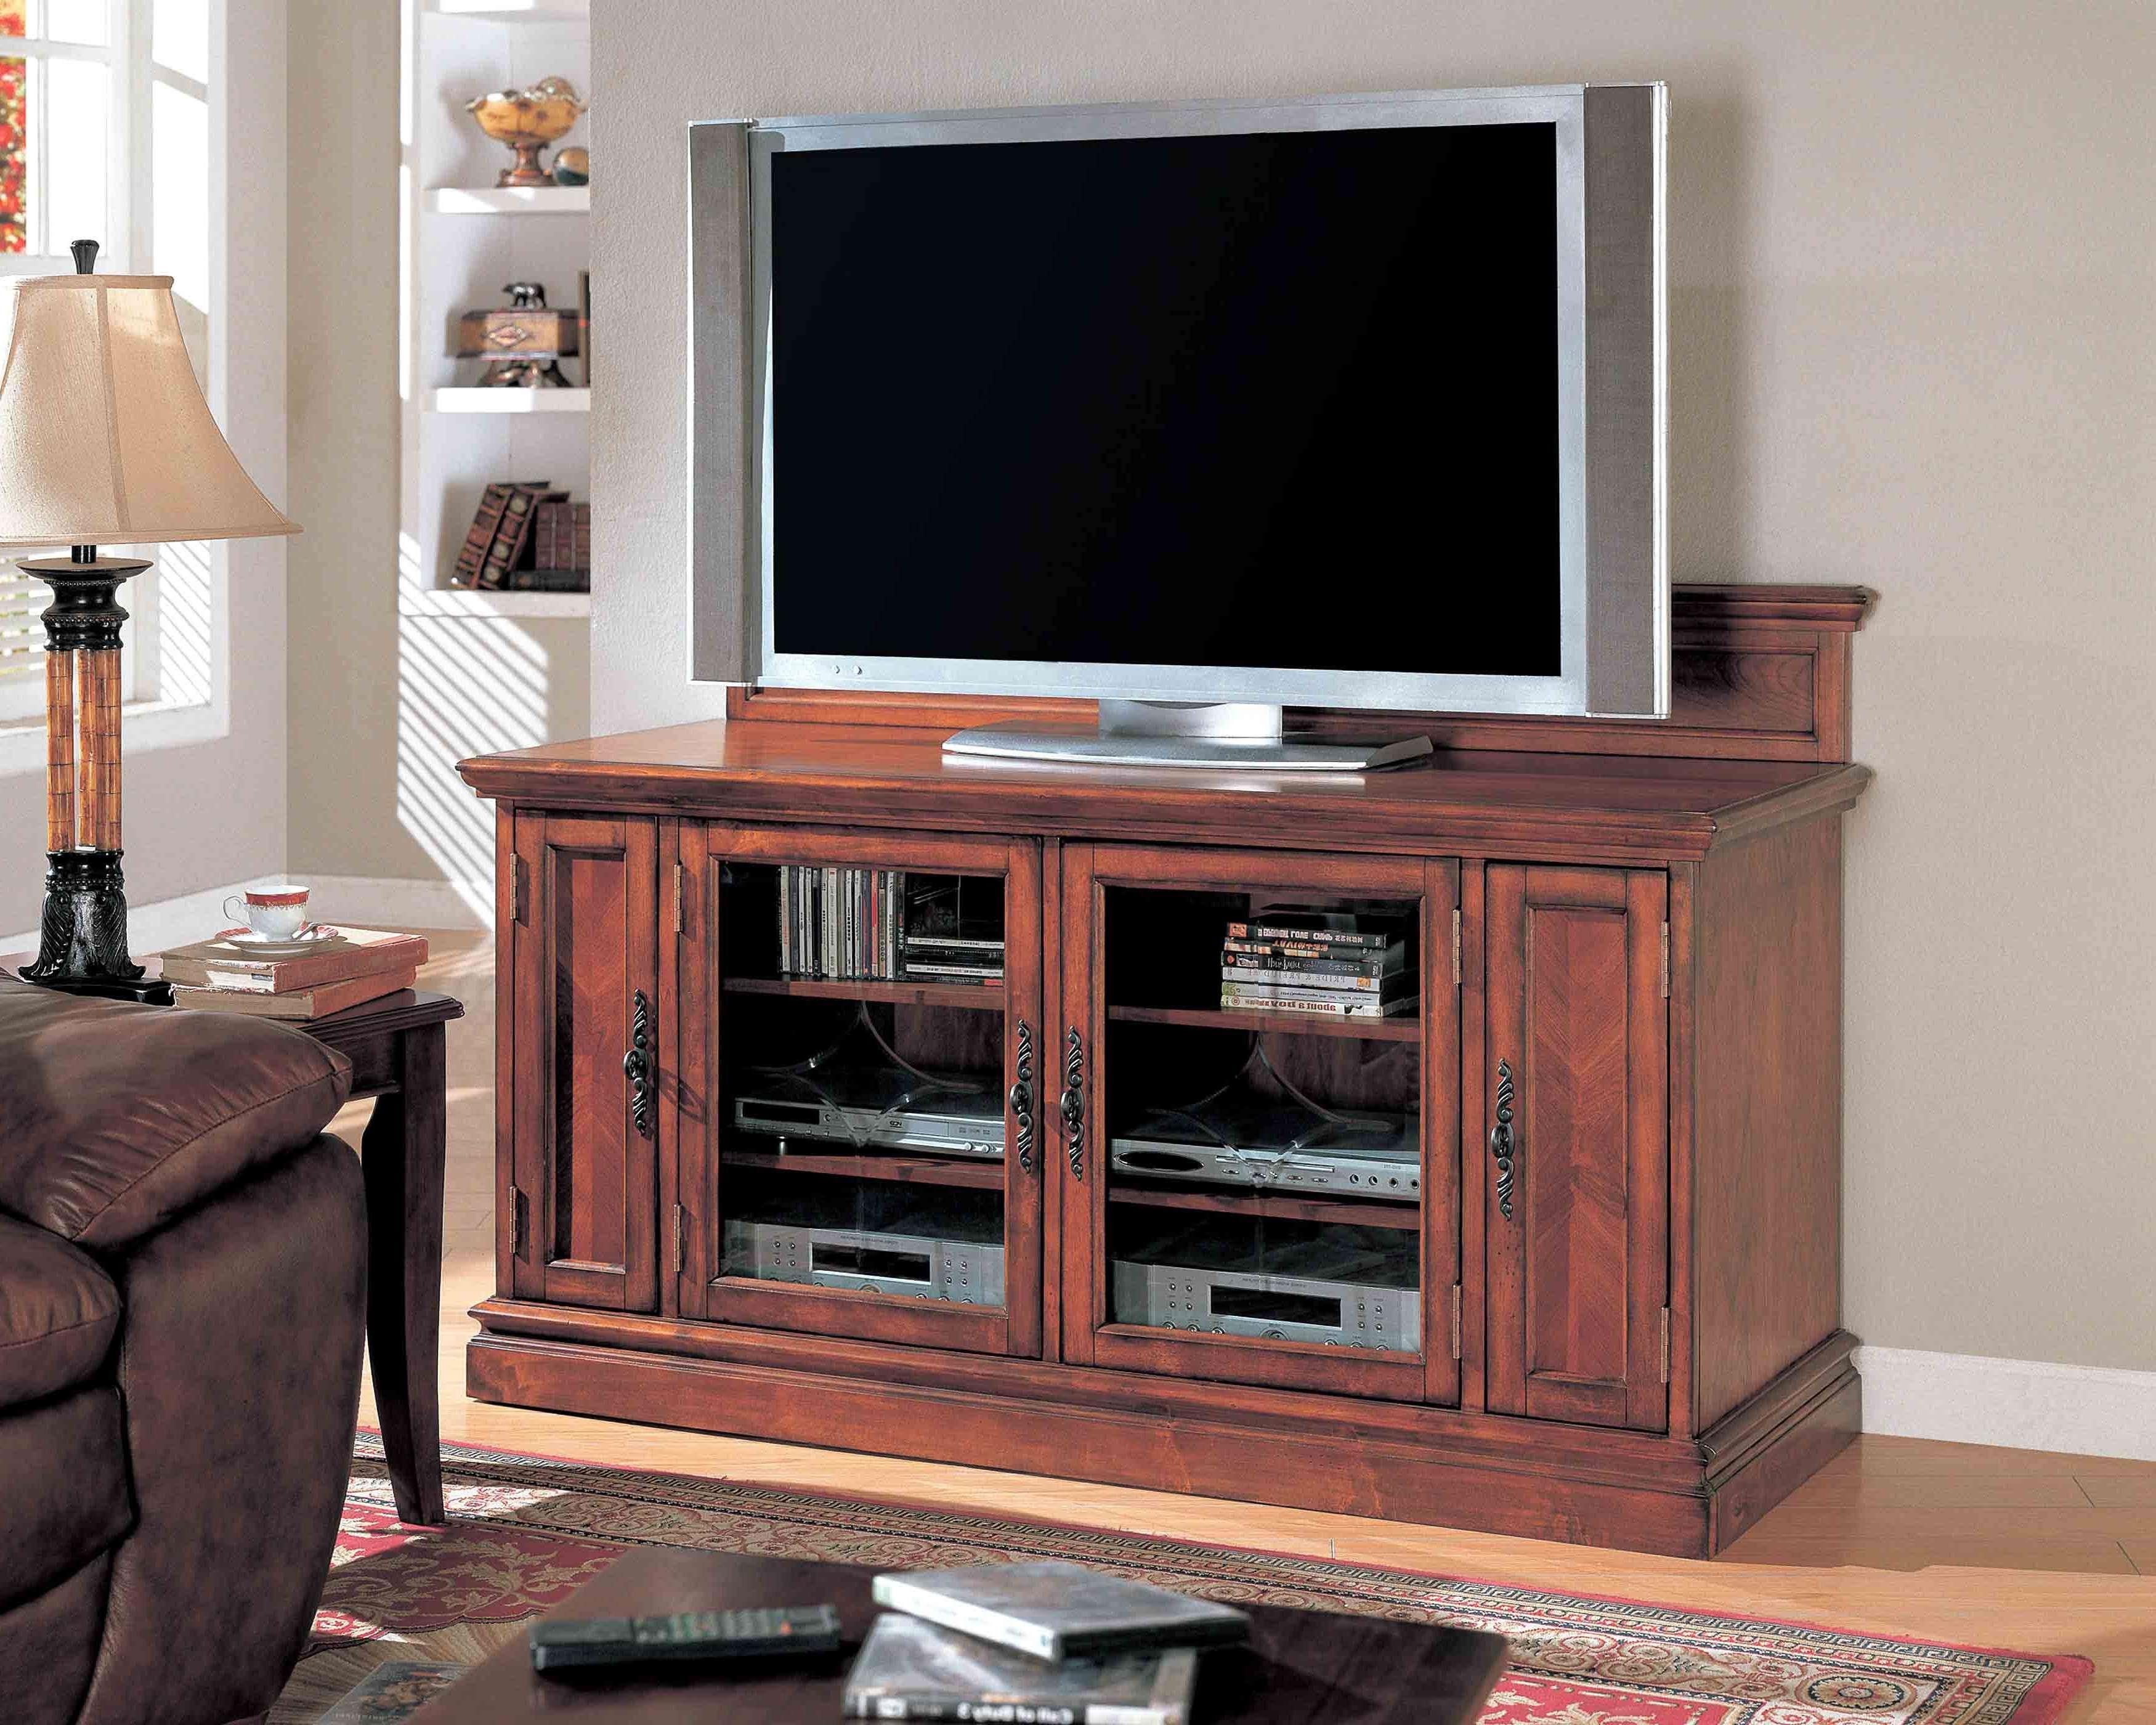 Dark Brown Wooden Tv Cabinet With Glass Doors On The Floor With Wooden Tv Cabinets With Glass Doors (View 5 of 20)